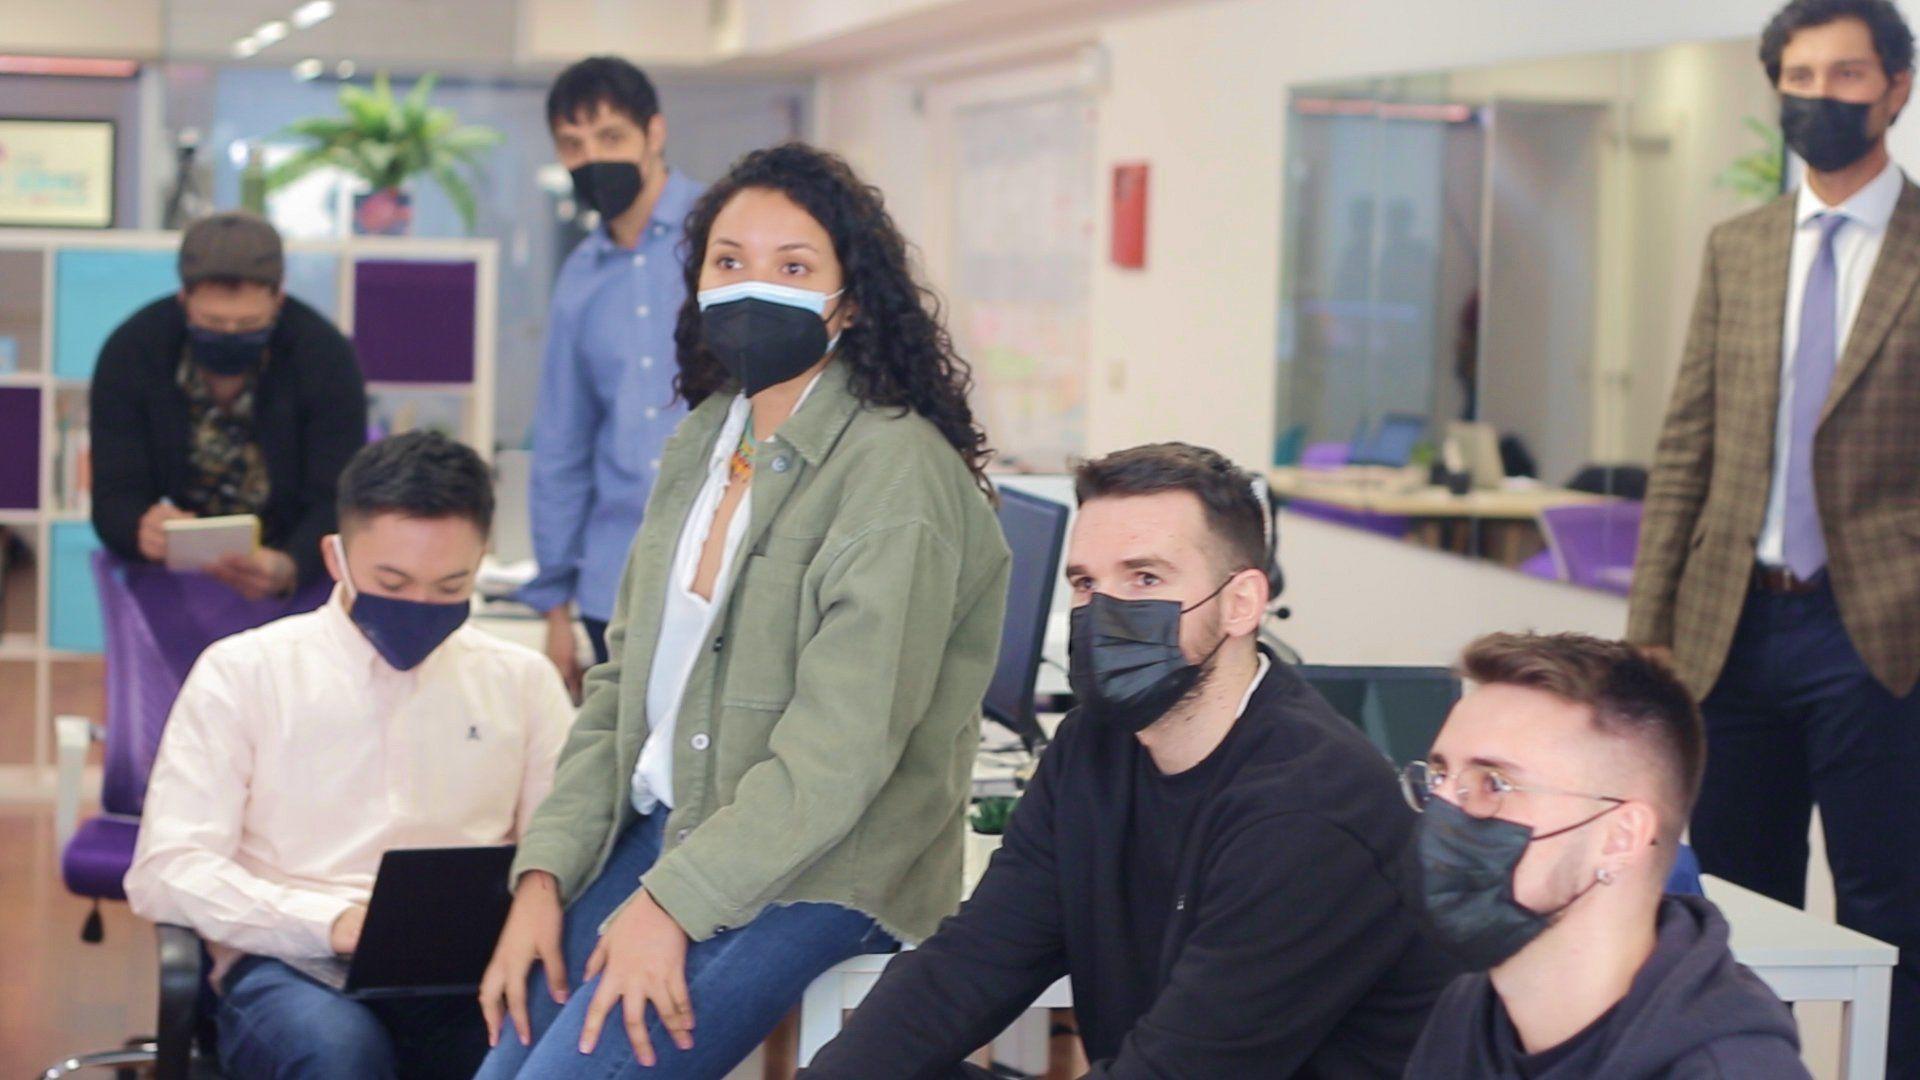 3dforscience team